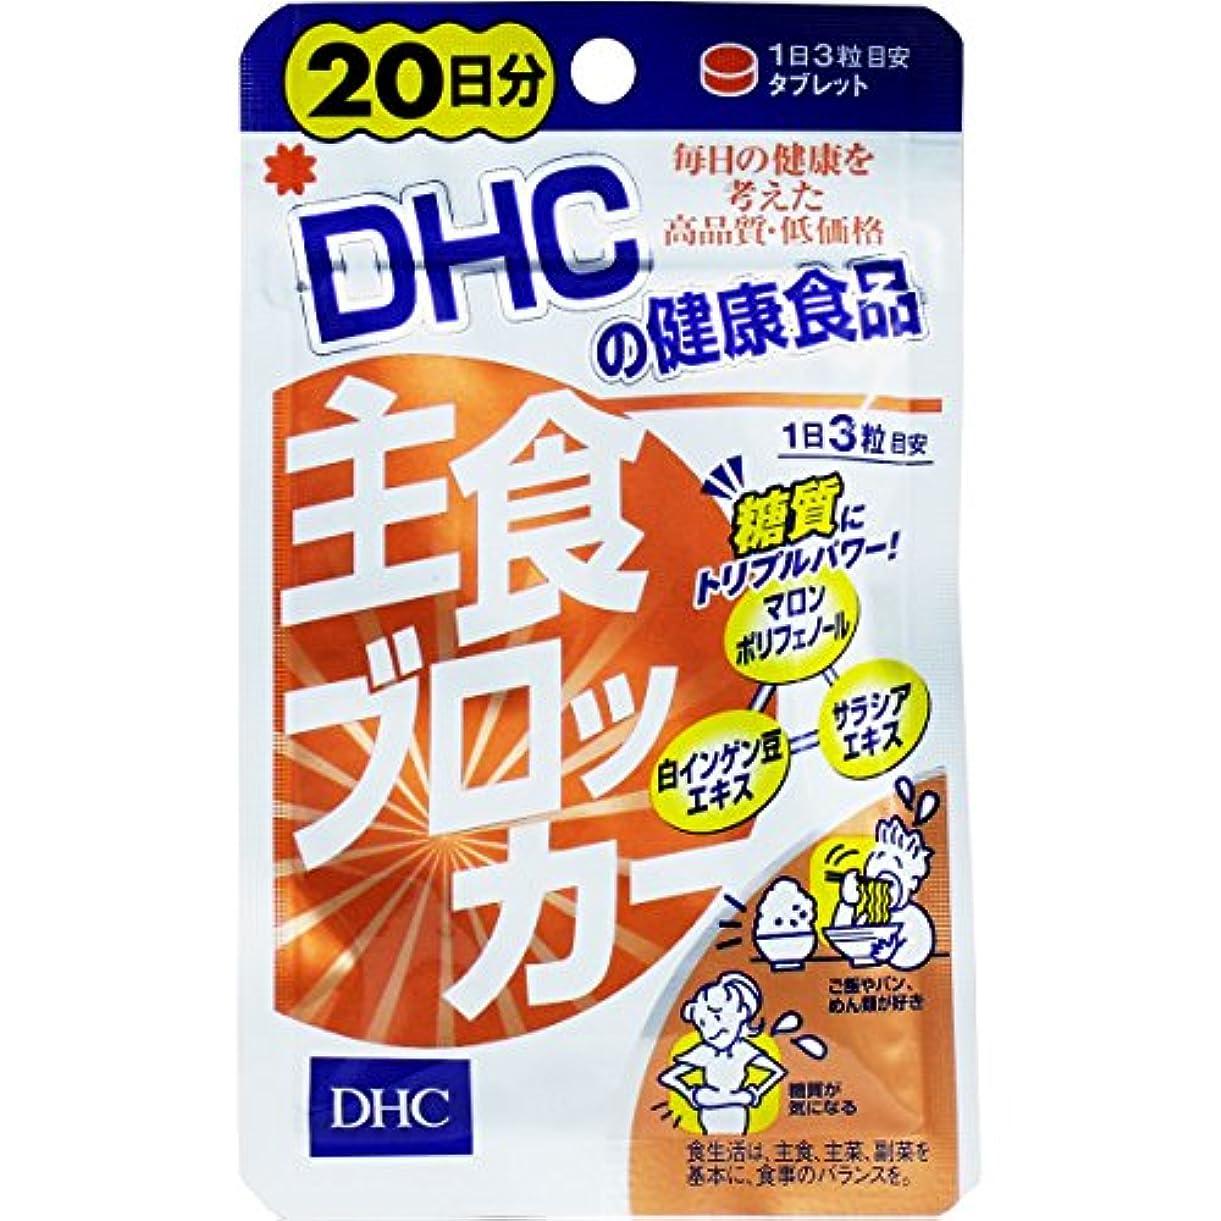 タイプライター故障中メッセージサプリ 主食好きさんの、健康とダイエットに 話題の DHC 主食ブロッカー 20日分 60粒入